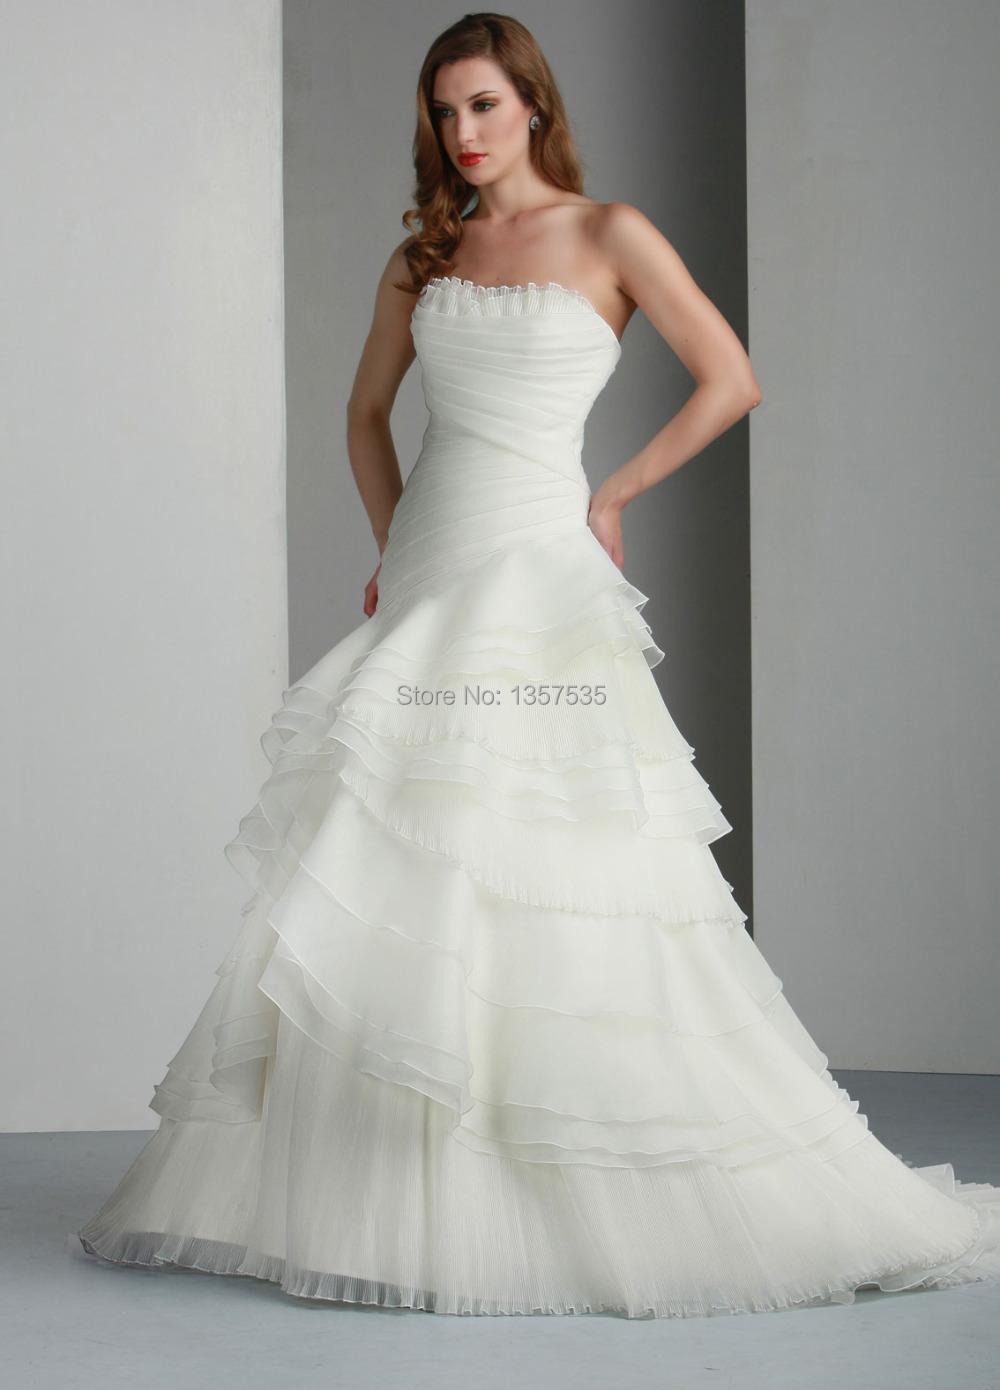 Tolle Viktorianischen Stil Brautkleid Galerie - Brautkleider Ideen ...